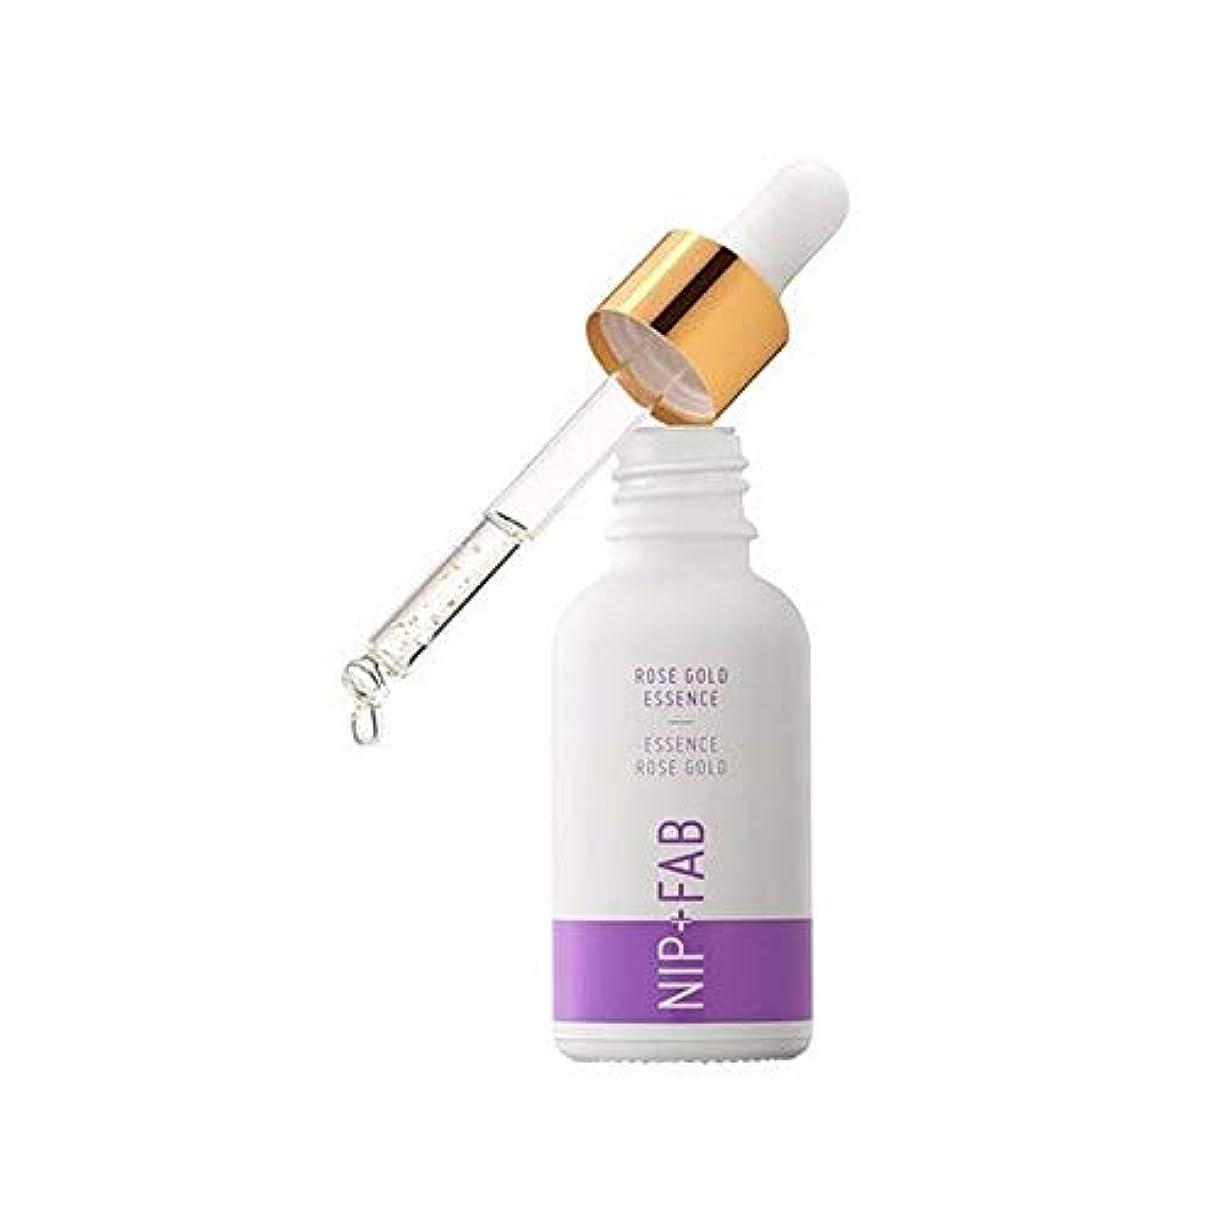 カバレッジ前任者やろう[Nip & Fab ] + Fab化粧プライマーニップゴールドエッセンスをバラ - Nip+Fab Makeup Primer Rose Gold Essence [並行輸入品]